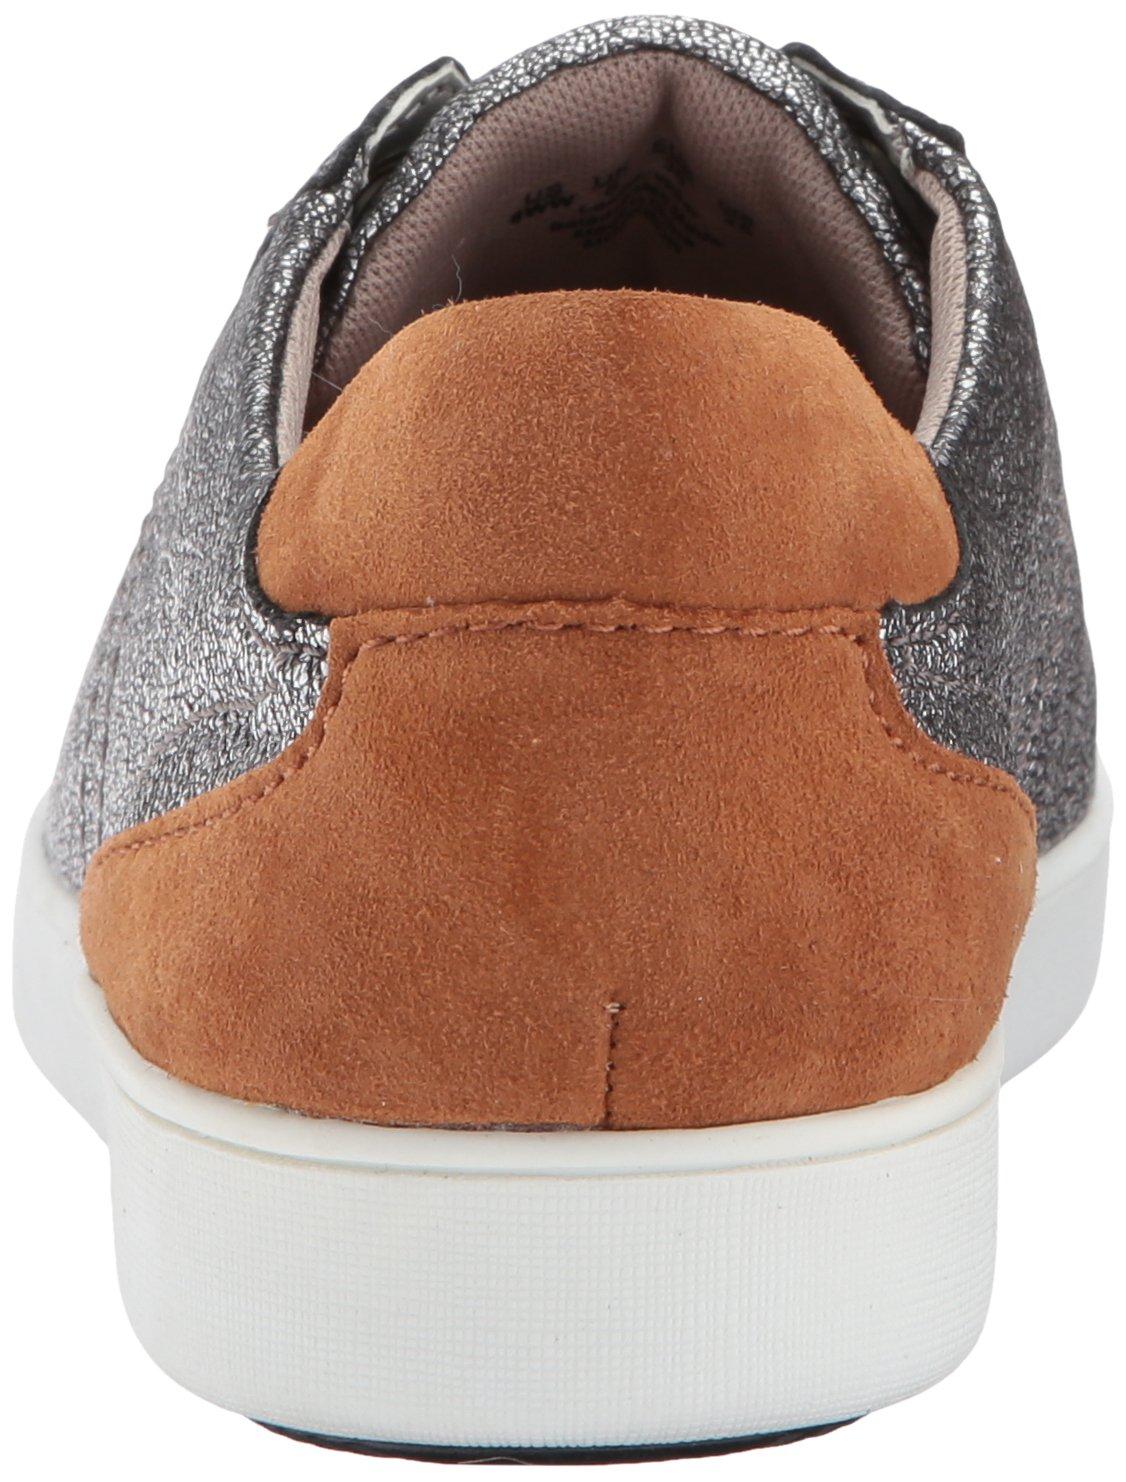 Naturalizer Women's Morrison B(M) Fashion Sneaker B0728DC41Y 4 B(M) Morrison US Silver 99b053